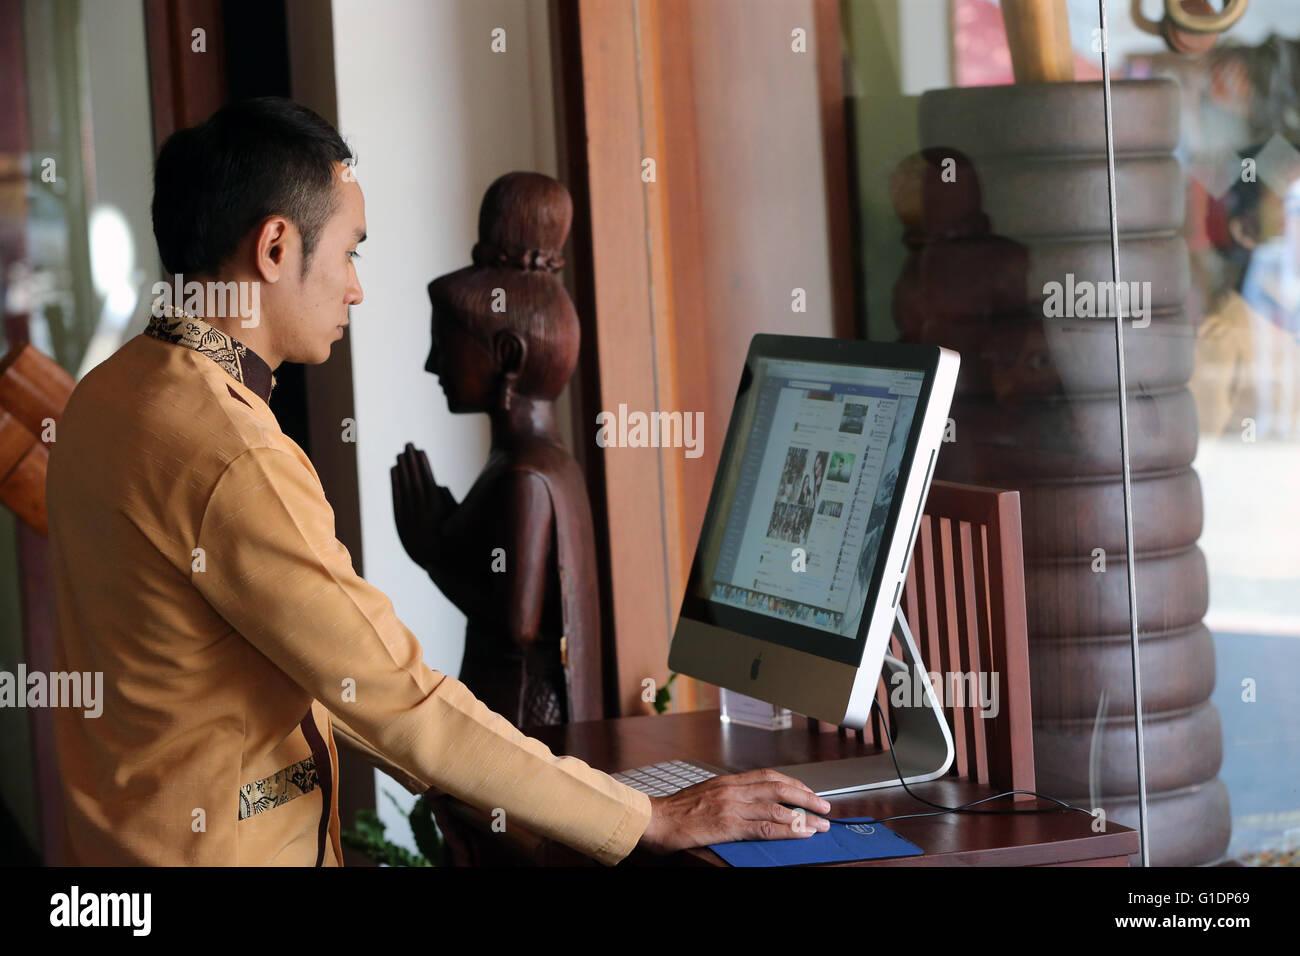 Hombre utilizando Facebook en un ordenador. Vientiane. Laos. Imagen De Stock